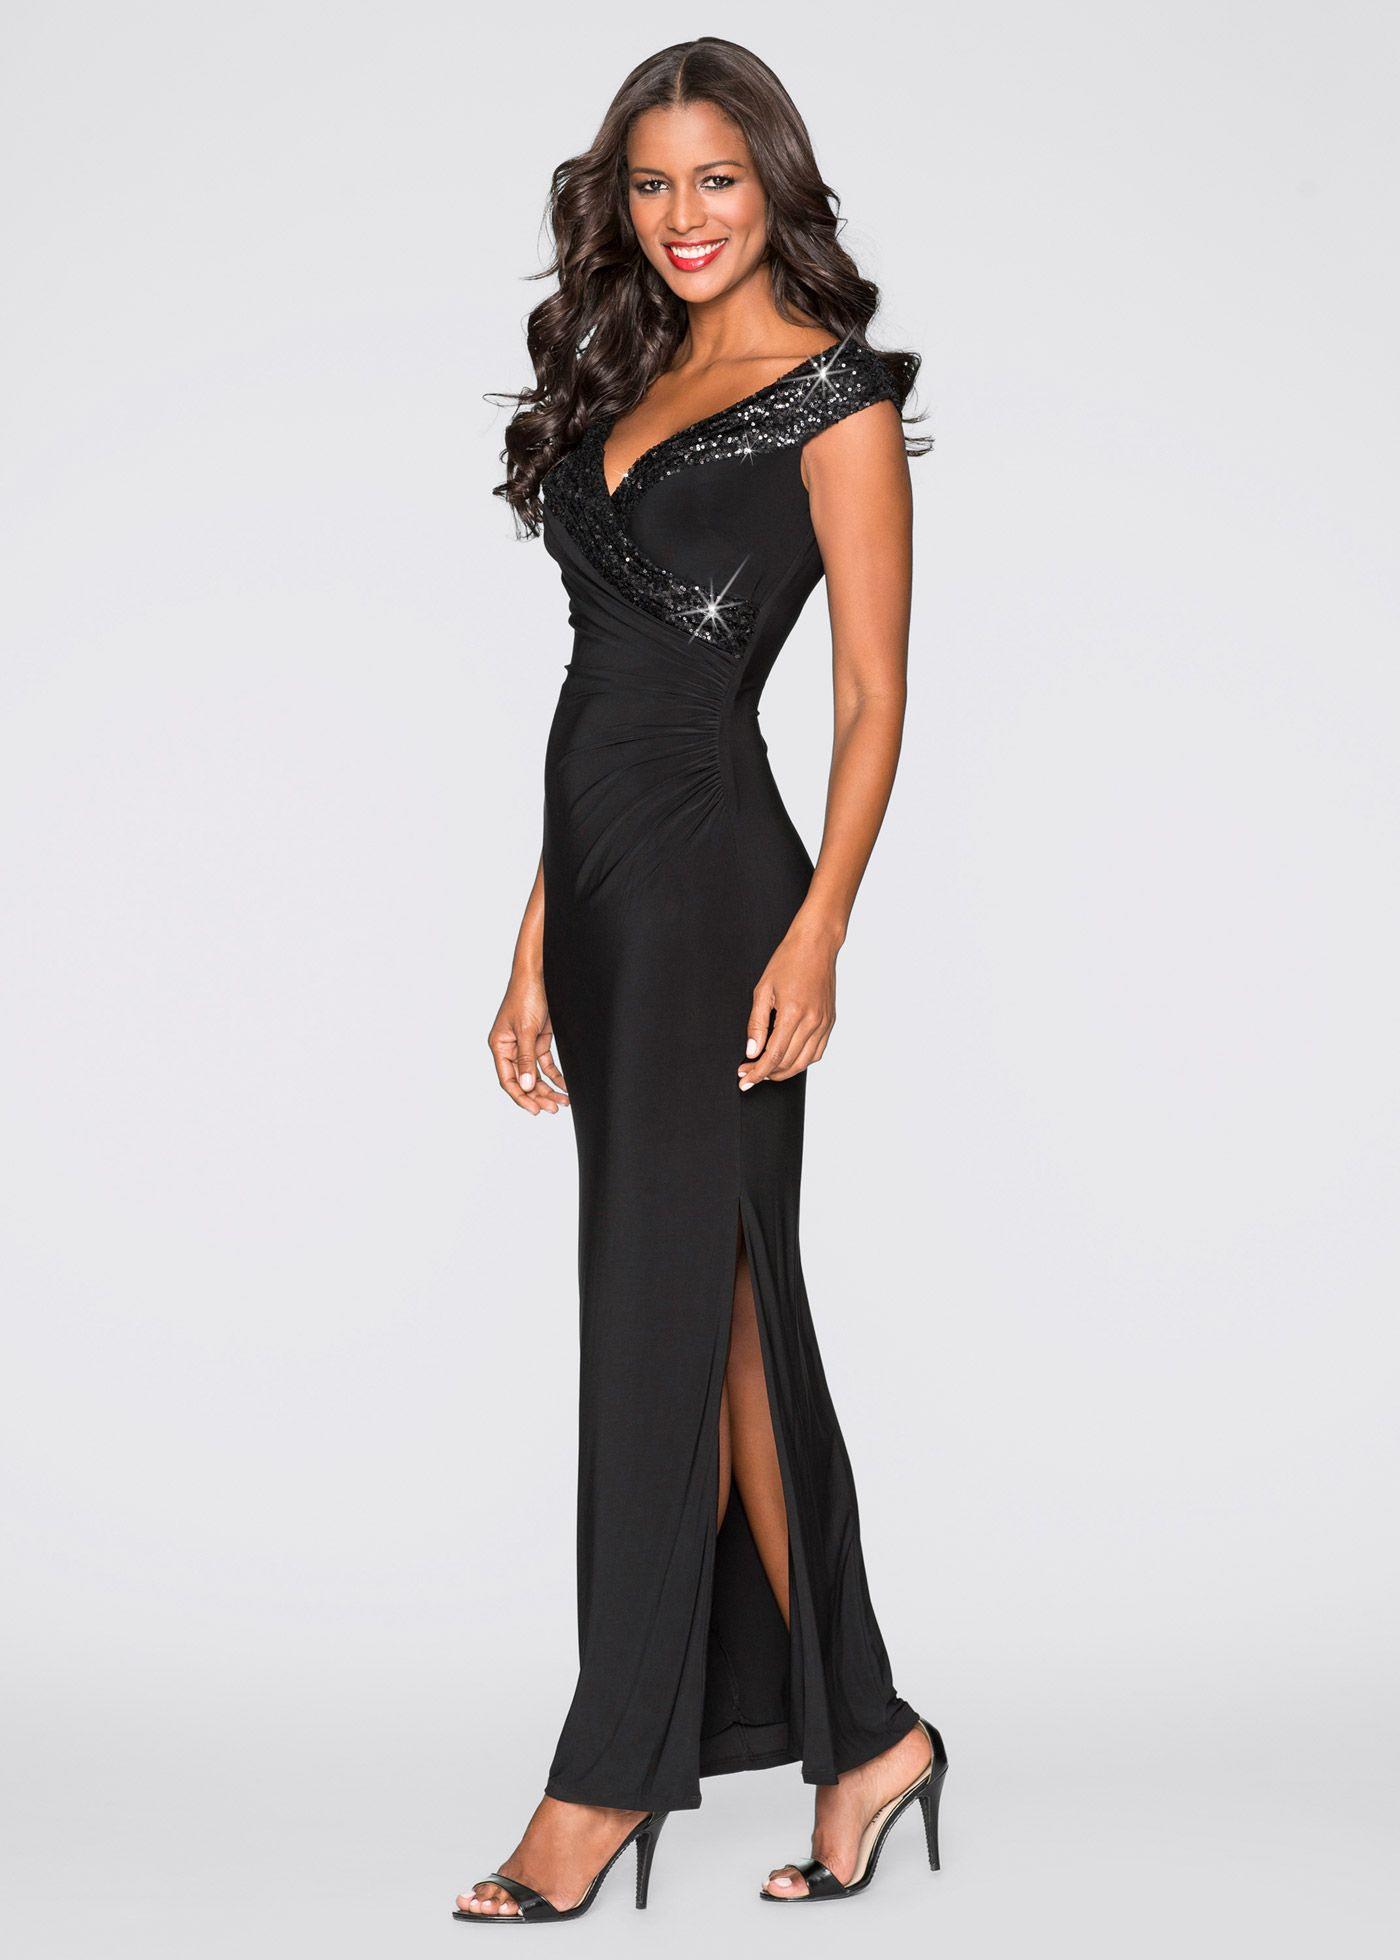 Schön Abendkleid Online Bestellen BoutiqueFormal Erstaunlich Abendkleid Online Bestellen Vertrieb